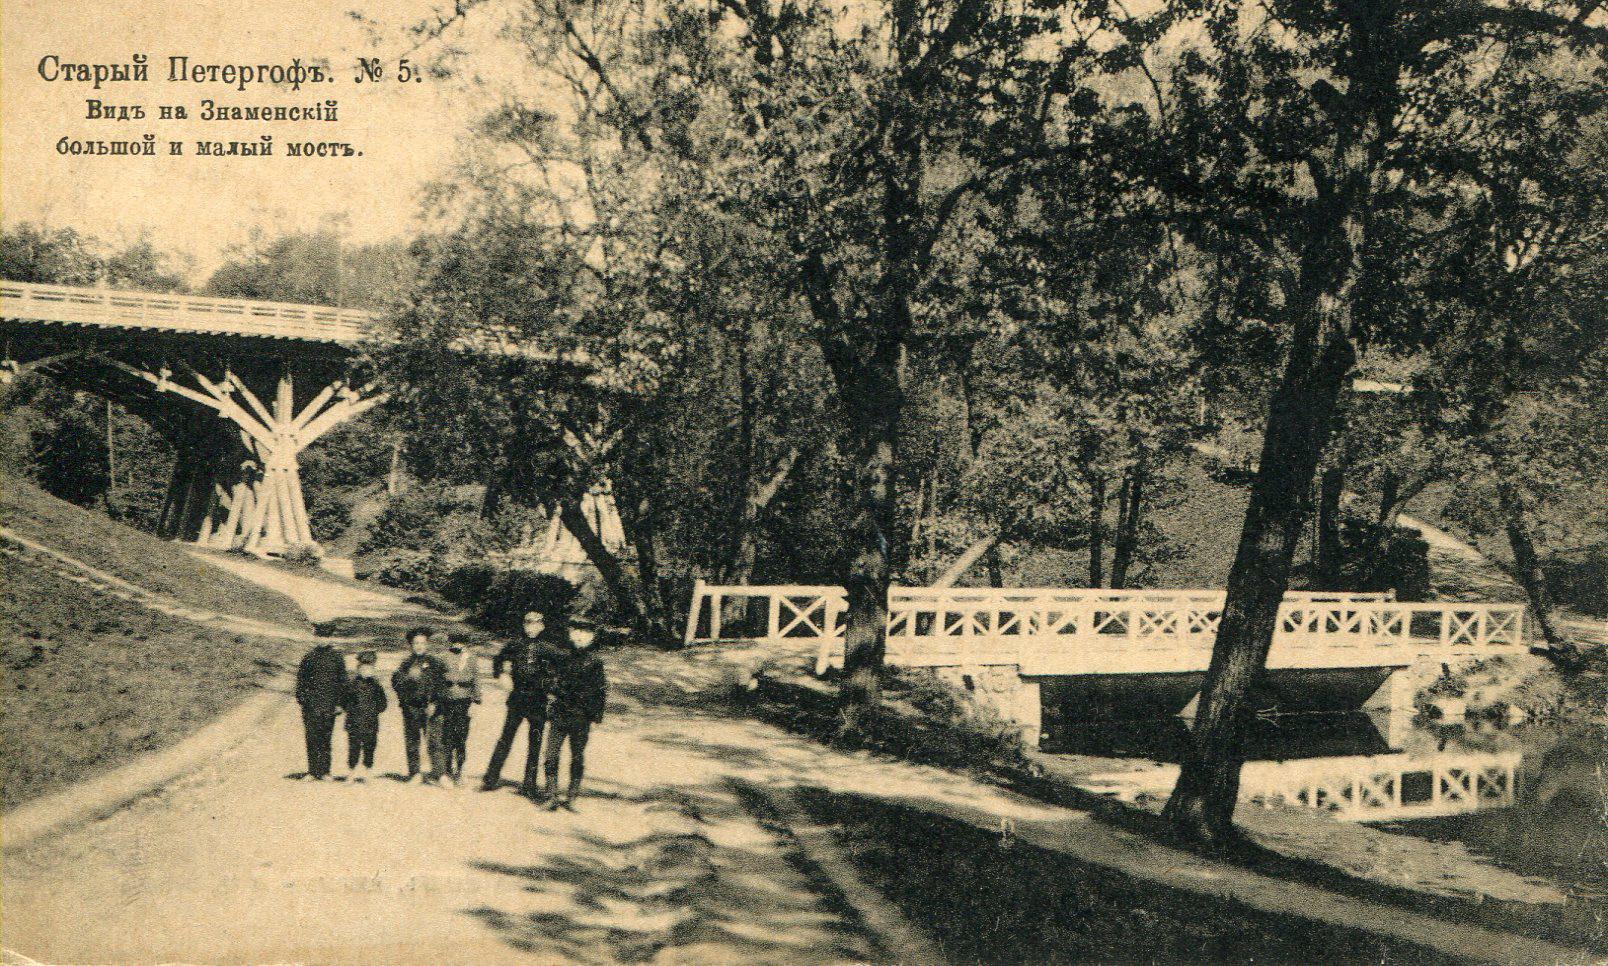 Вид на Знаменский Большой и Малый мосты